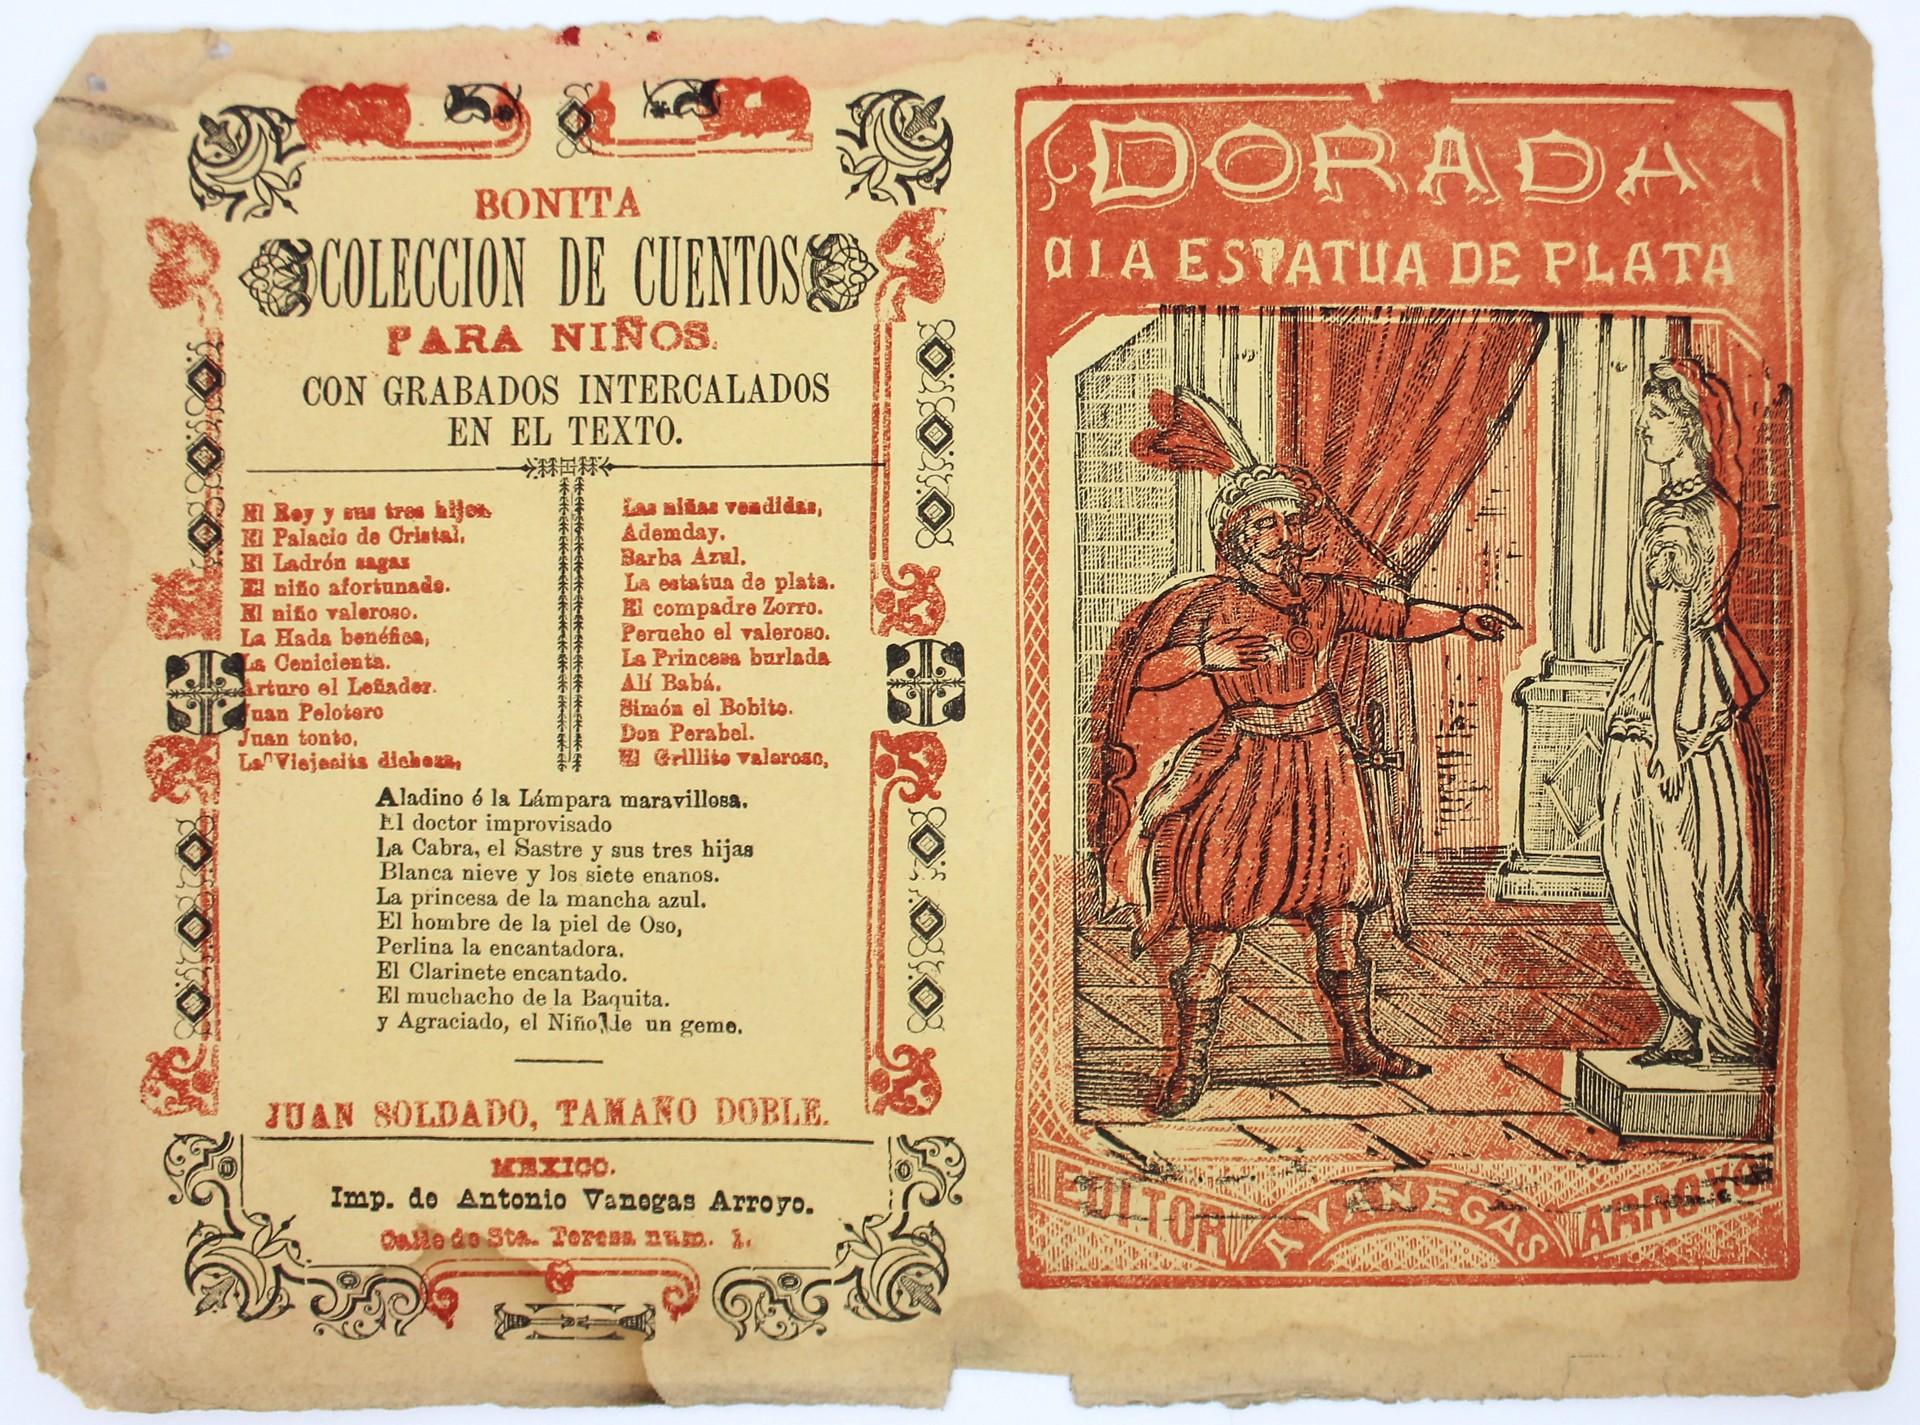 Dorada a la Estatua de Plata by José Guadalupe Posada (1852 - 1913)